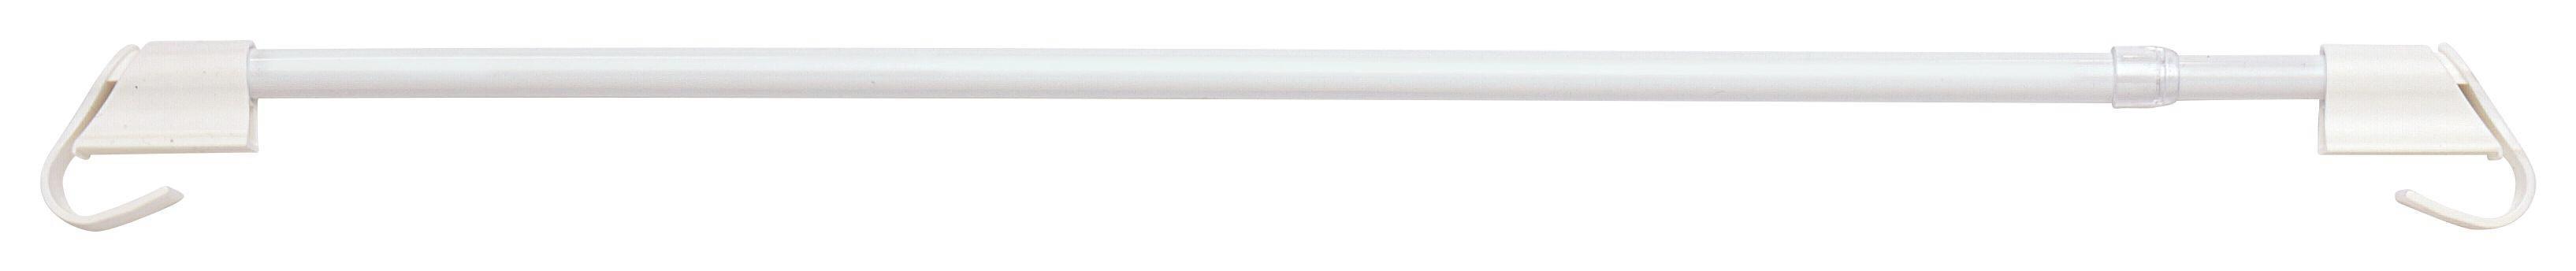 Klemmstange Connect in Weiß, ca. 55-85cm - Weiß, Kunststoff/Metall (55-85cm) - MÖMAX modern living